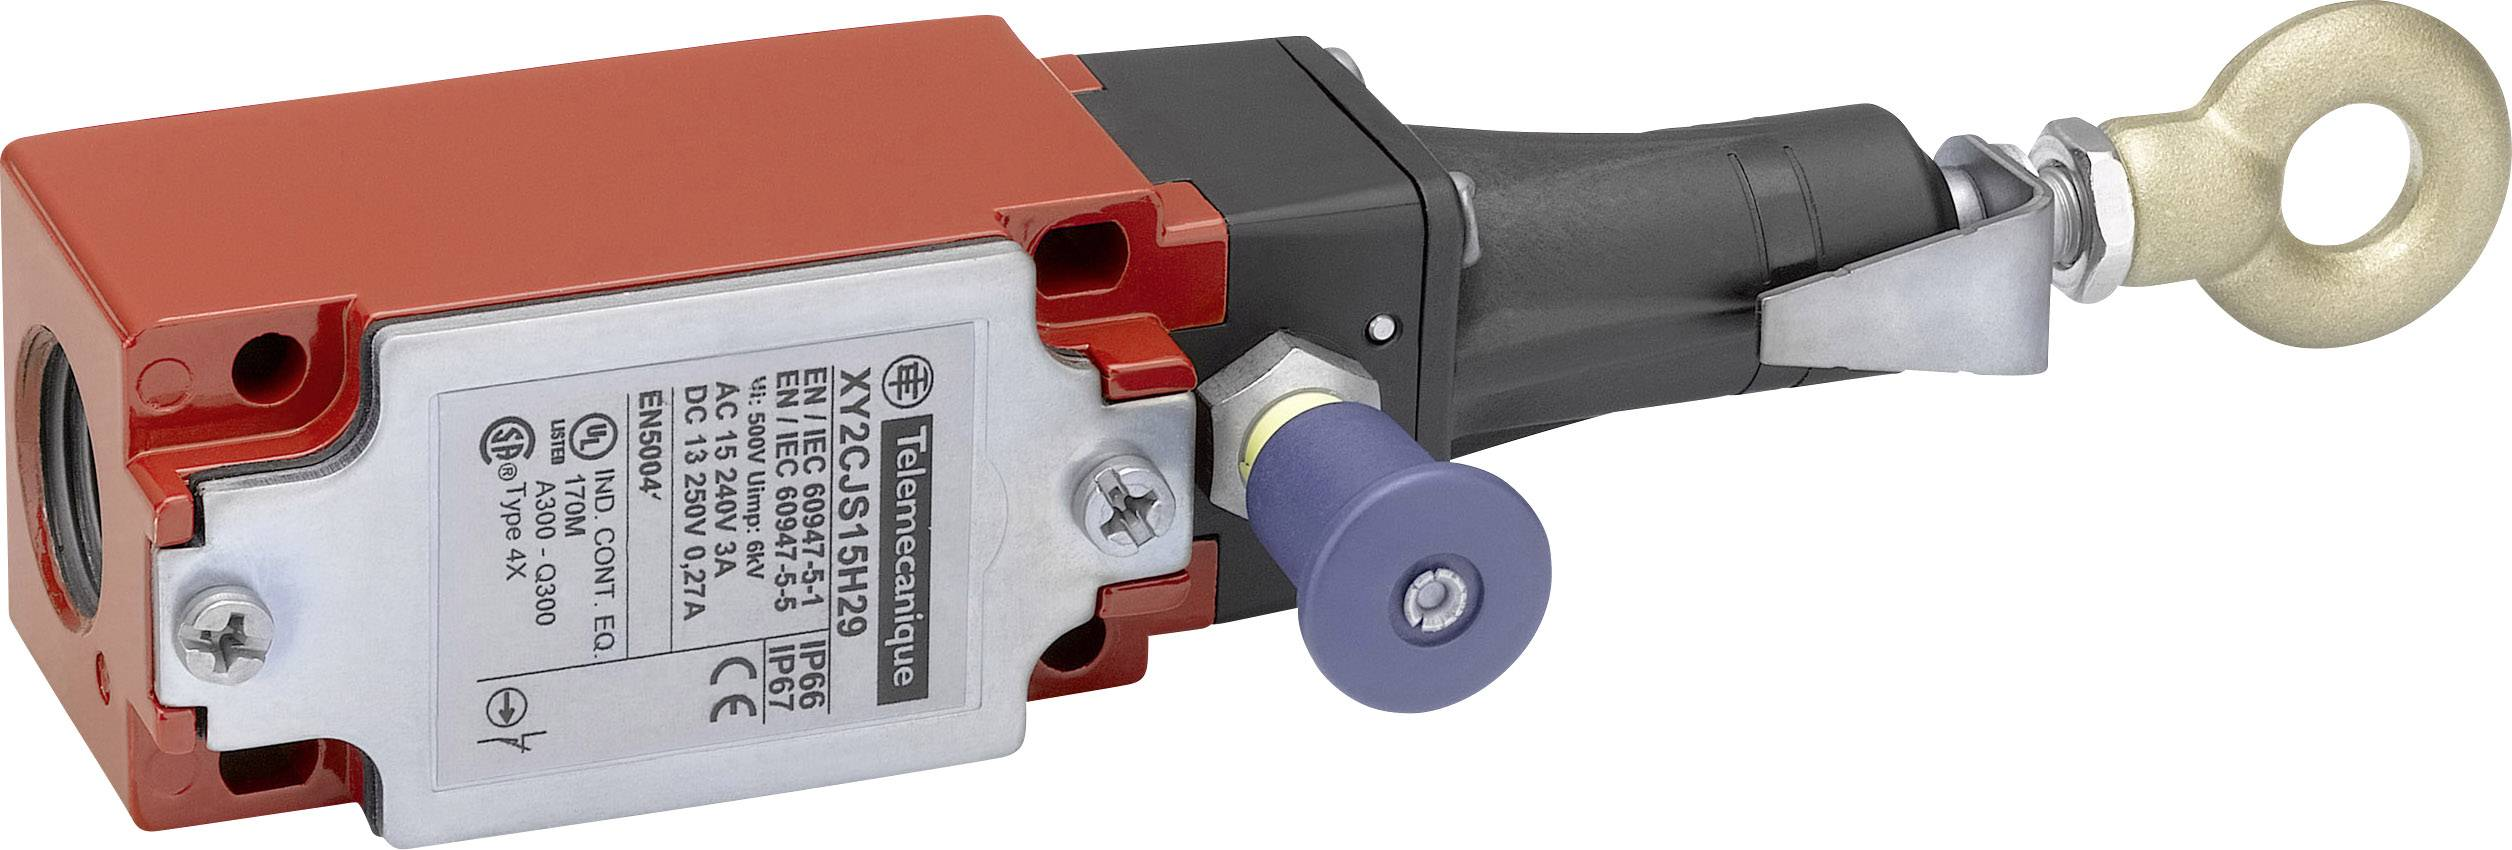 Lankový spínač Schneider Electric XY2CJS19H29, bez aretace, IP67, 1 ks